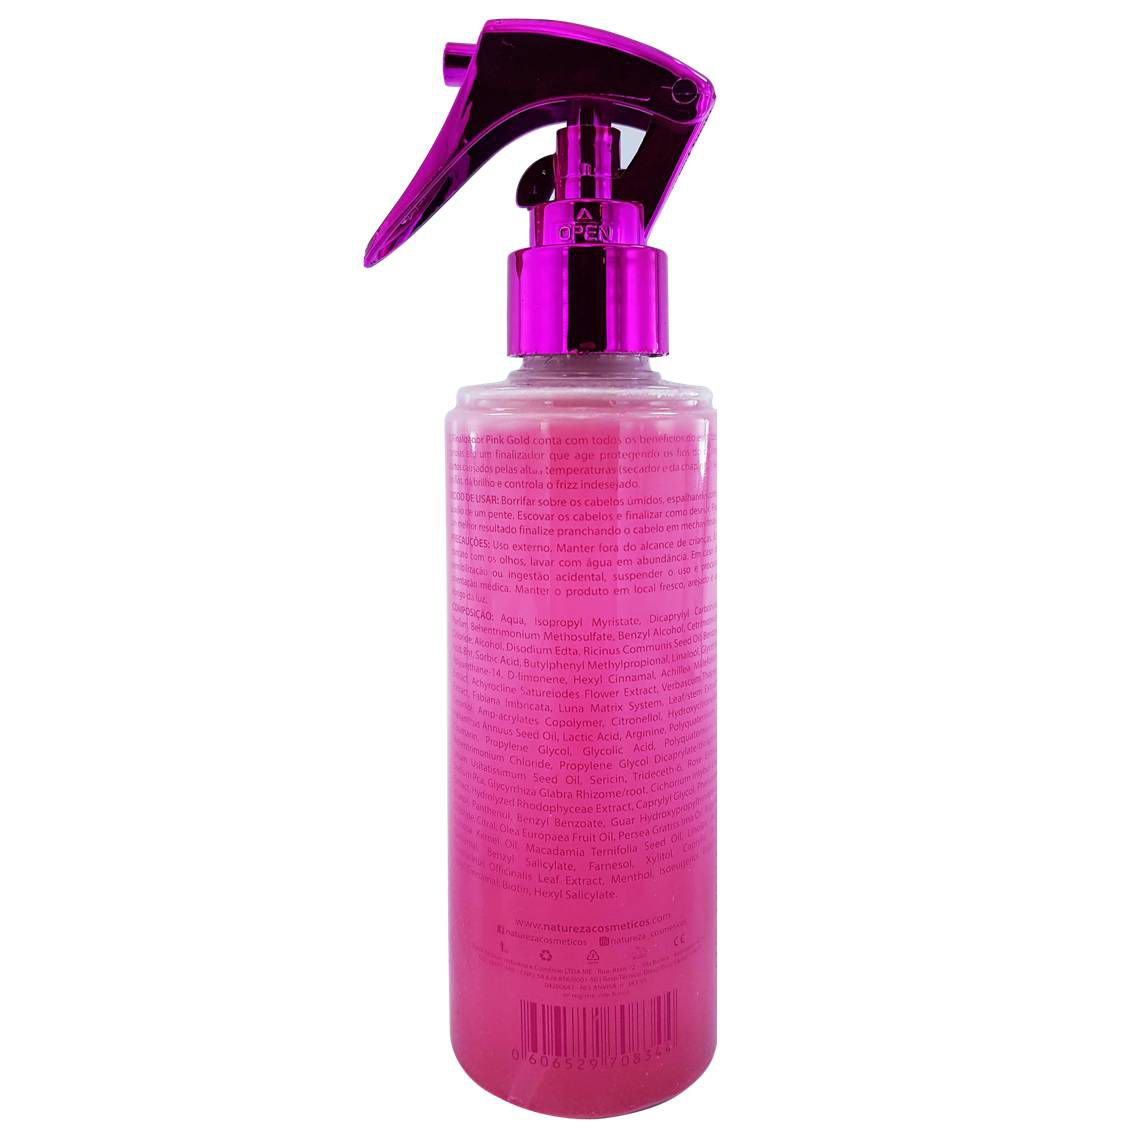 Finalizador Pink Gold Extrato de Pérola 200 ml - Natureza Cosméticos